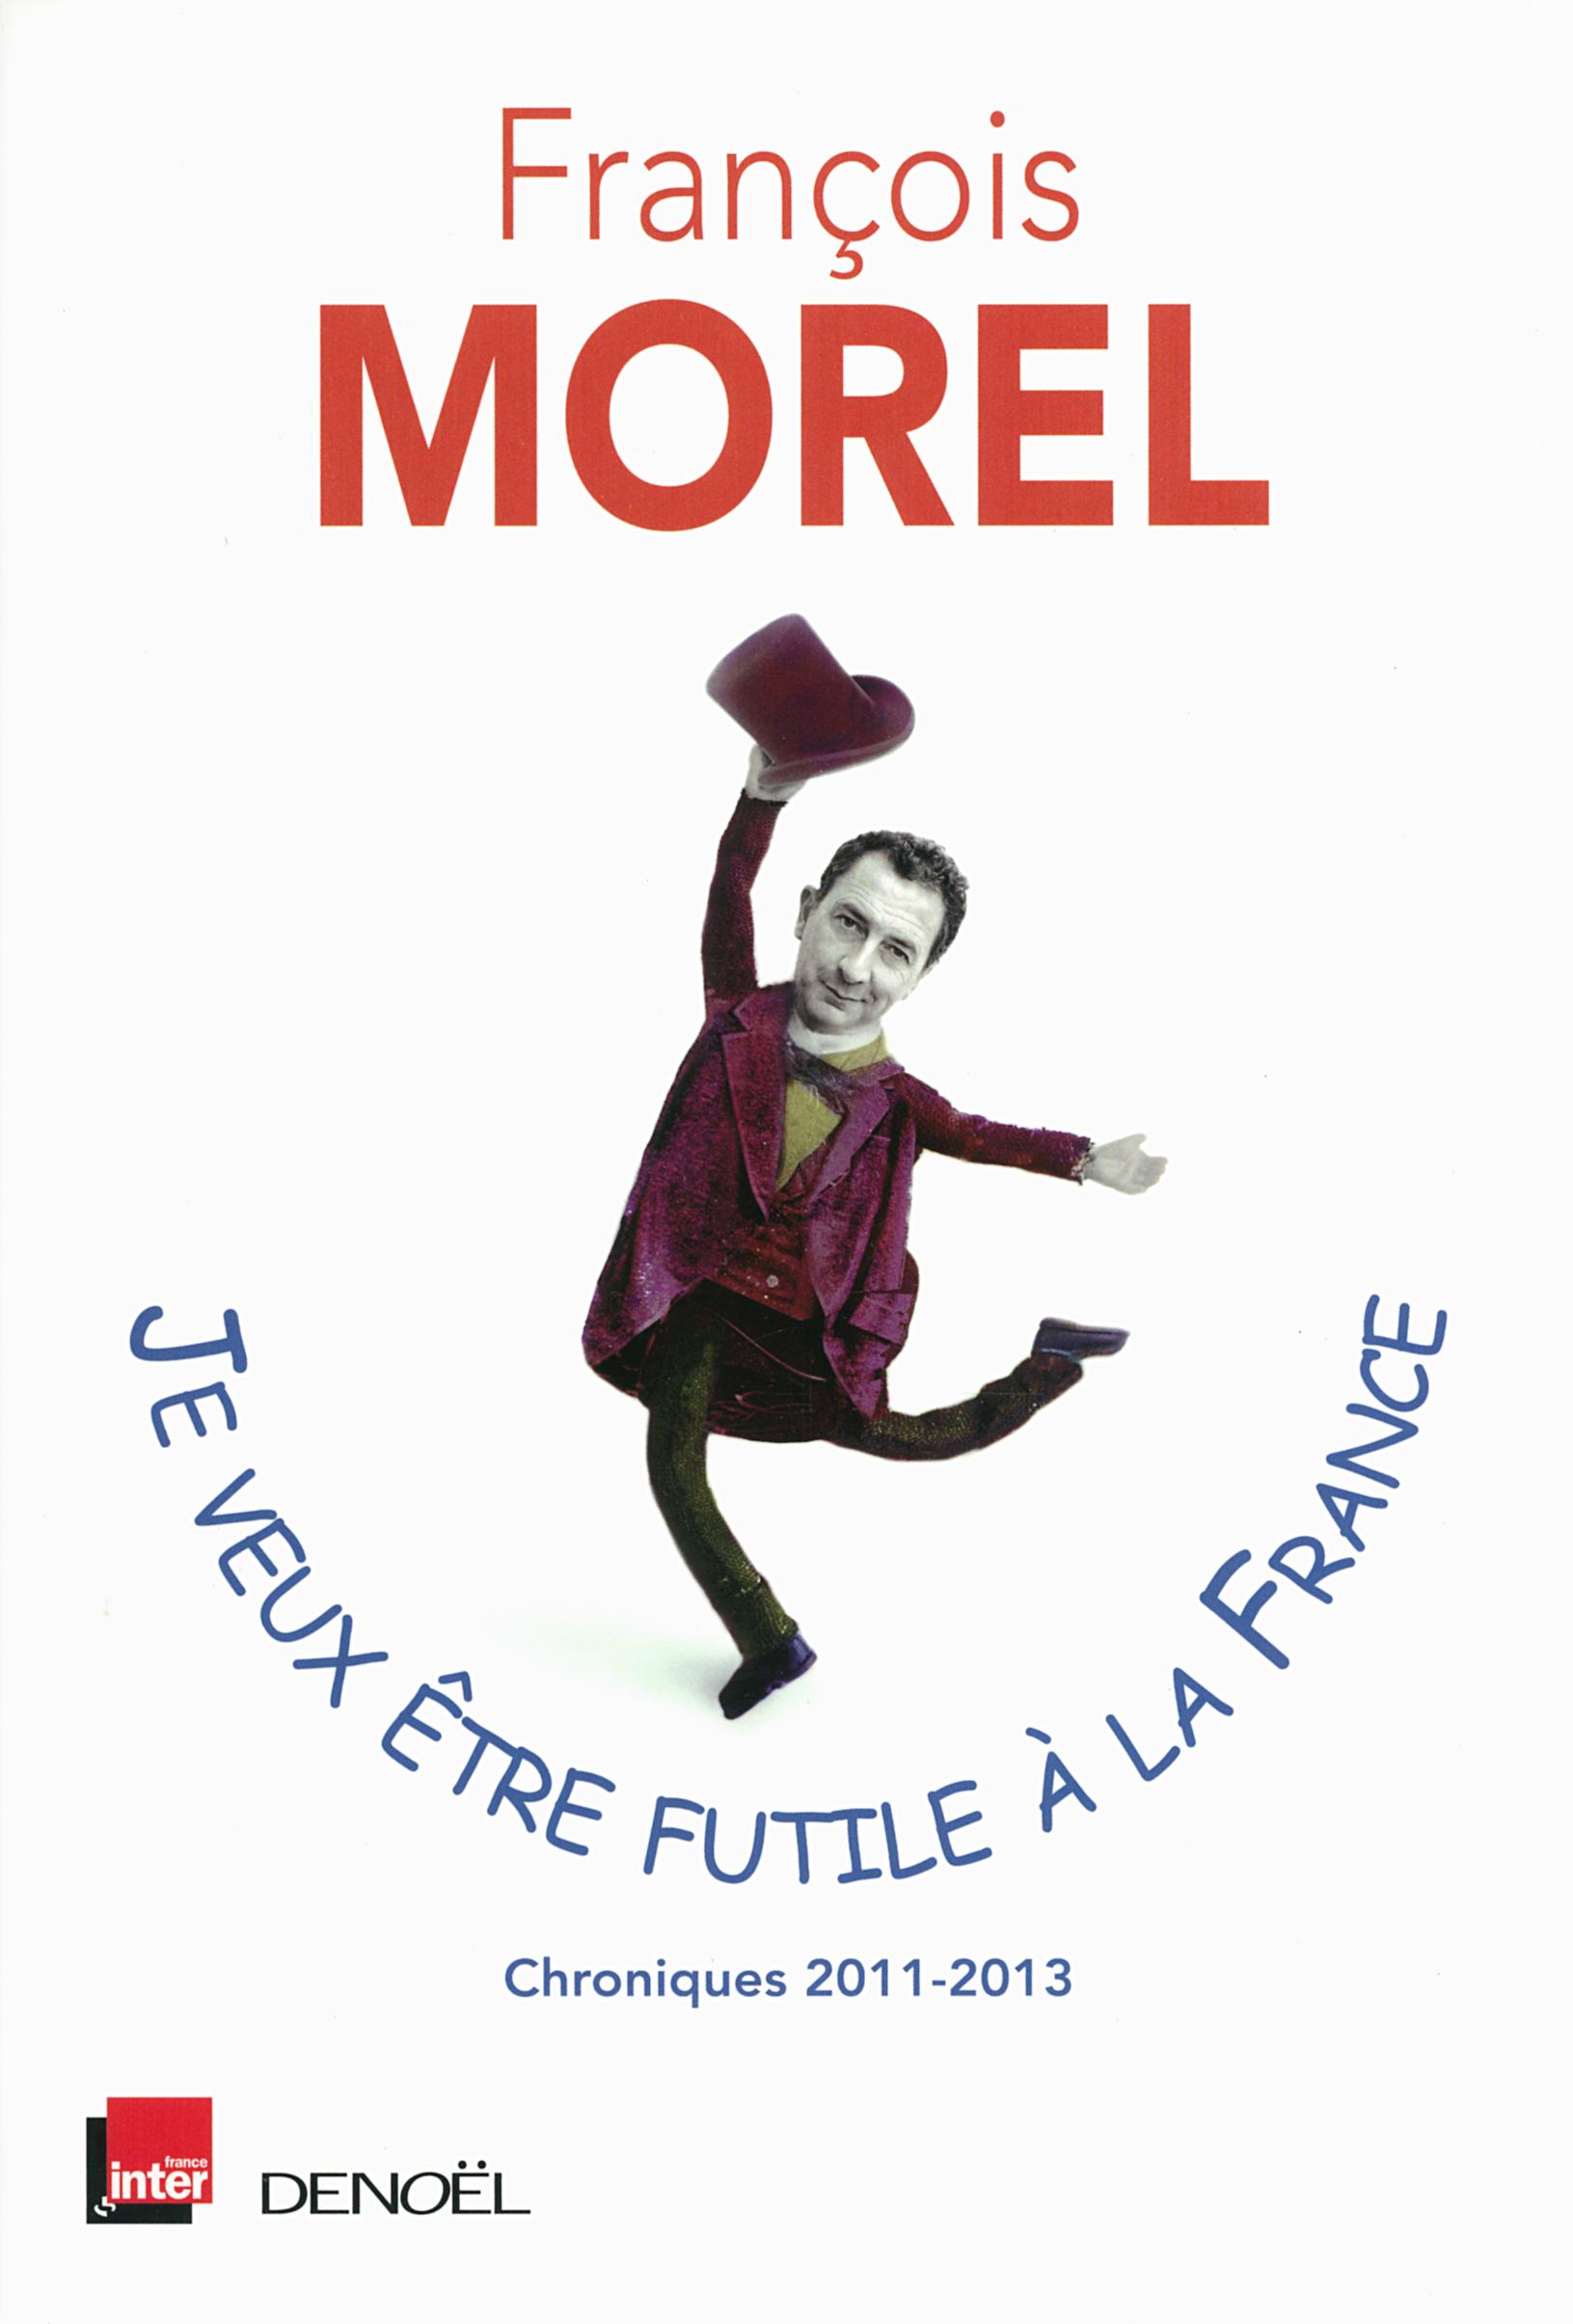 JE VEUX ETRE FUTILE A LA FRANCE